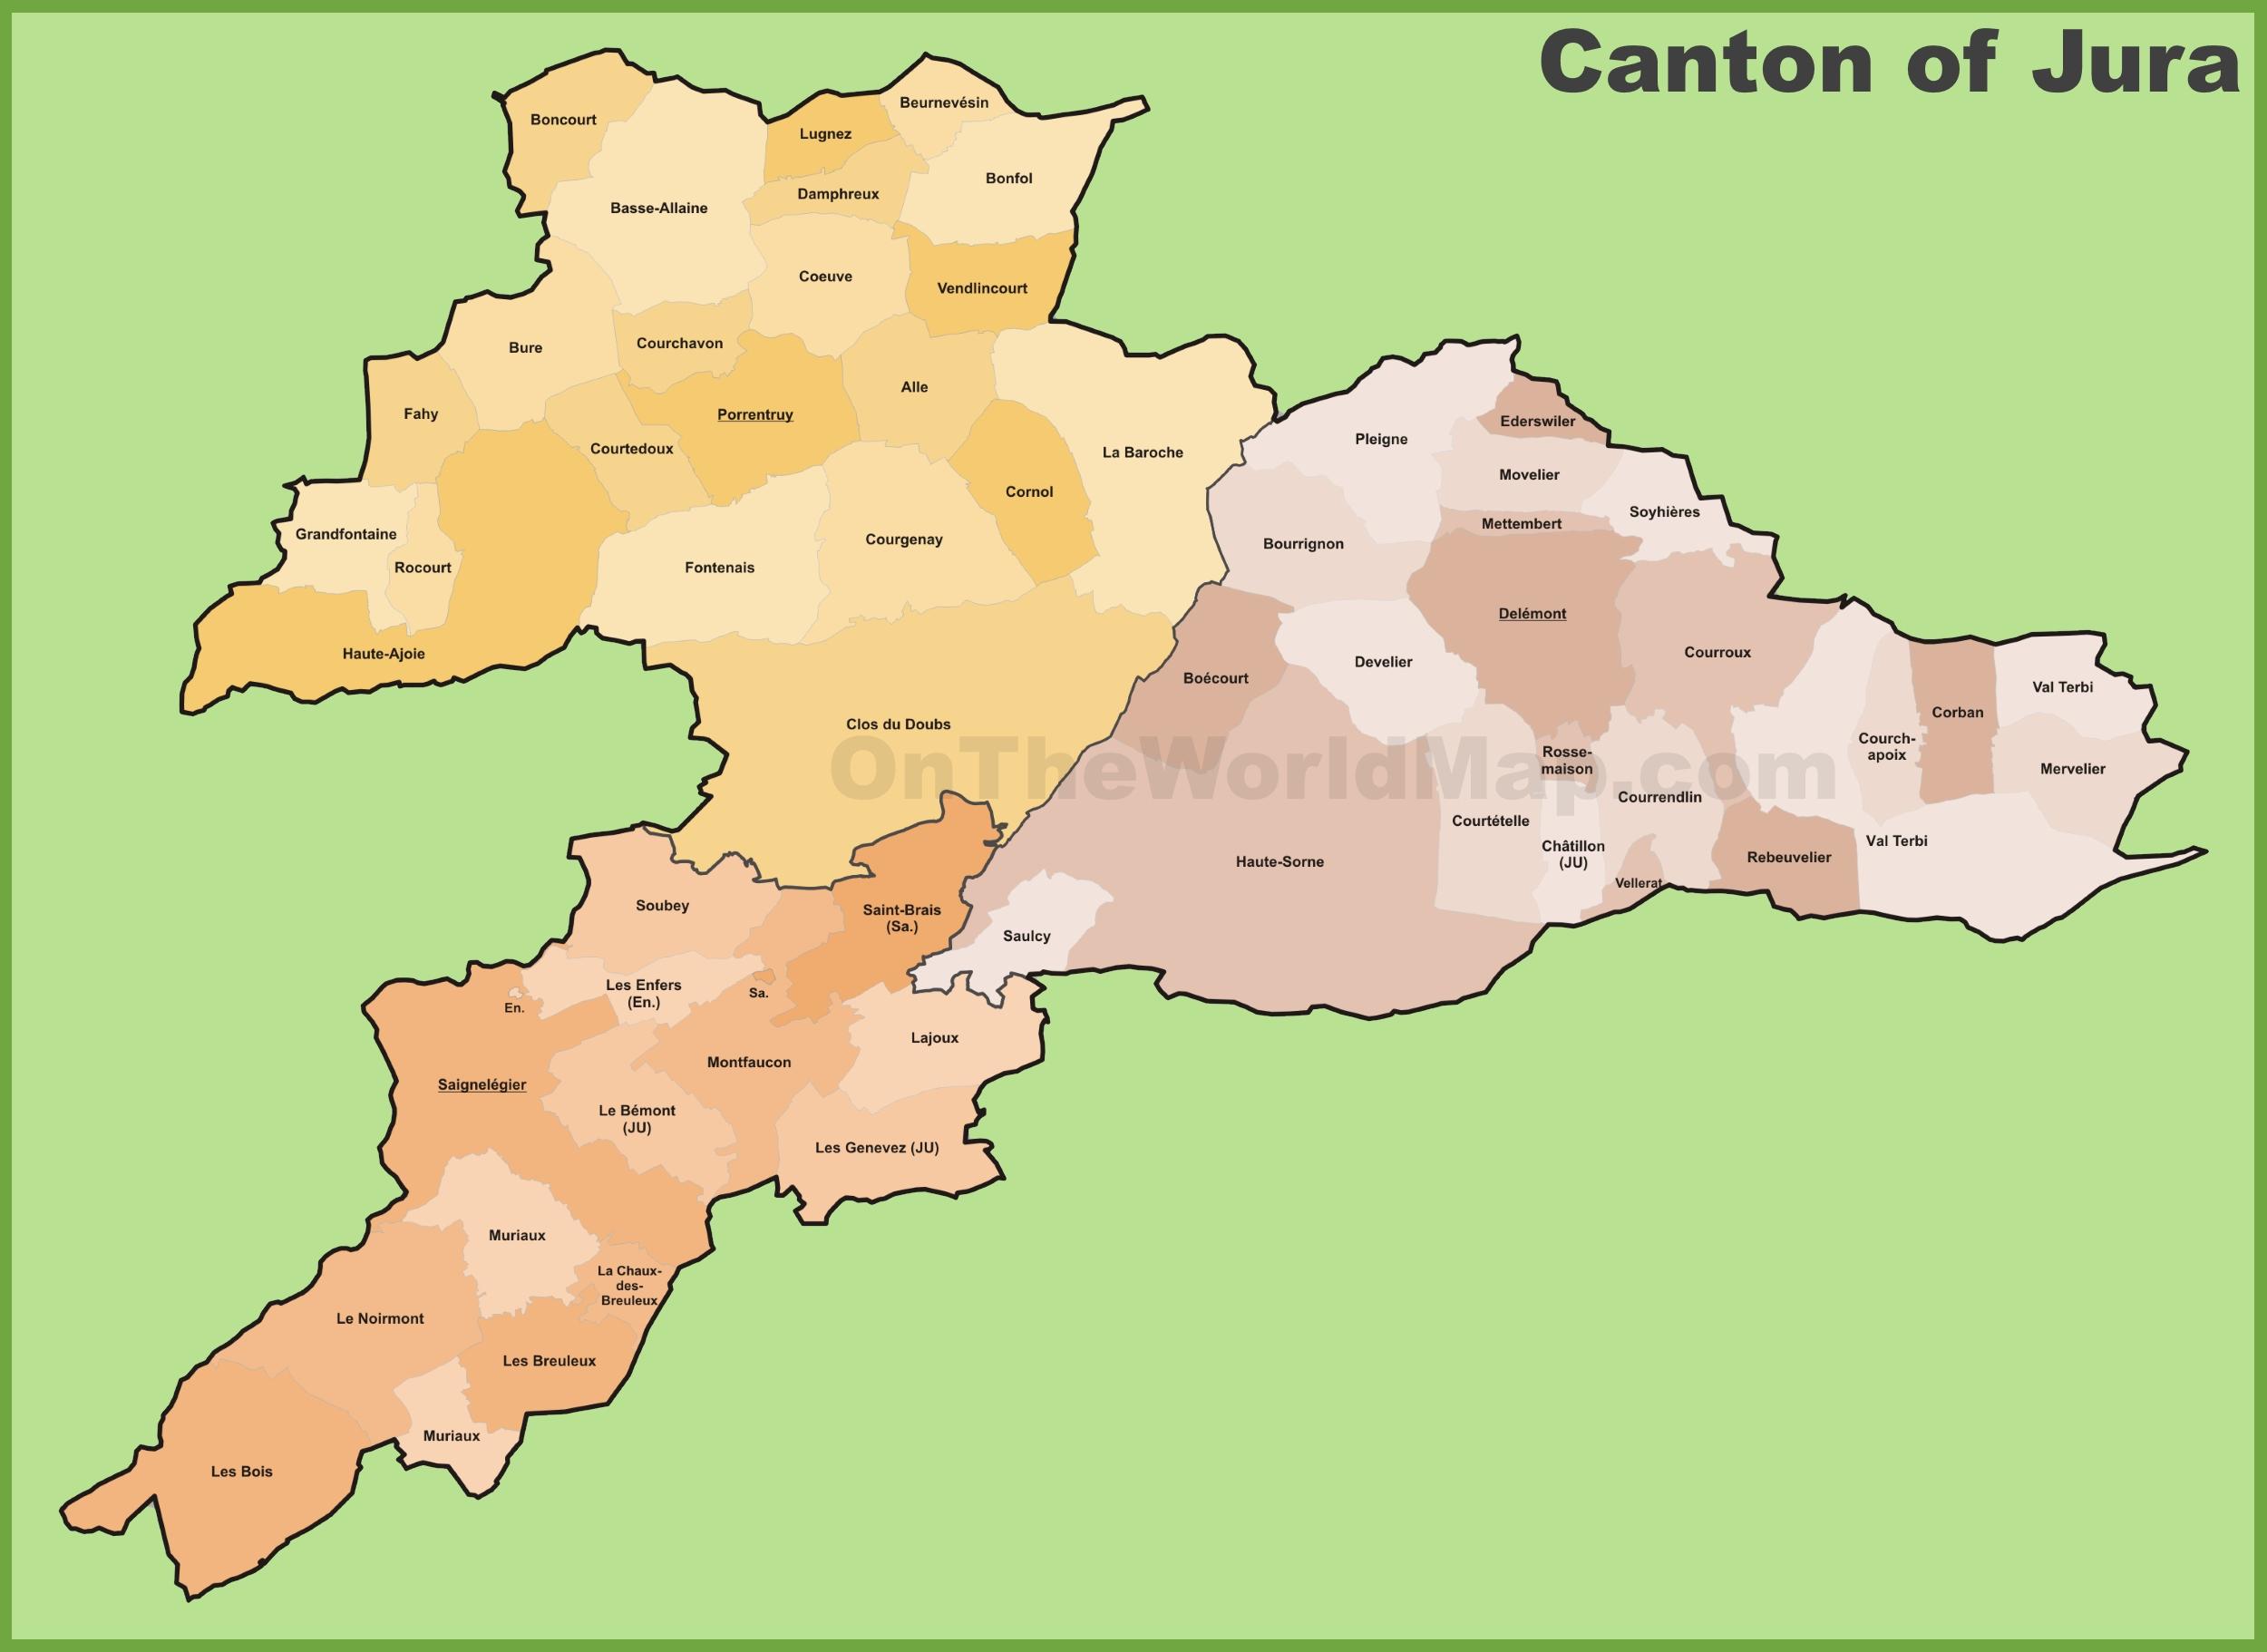 Canton of Jura municipality map